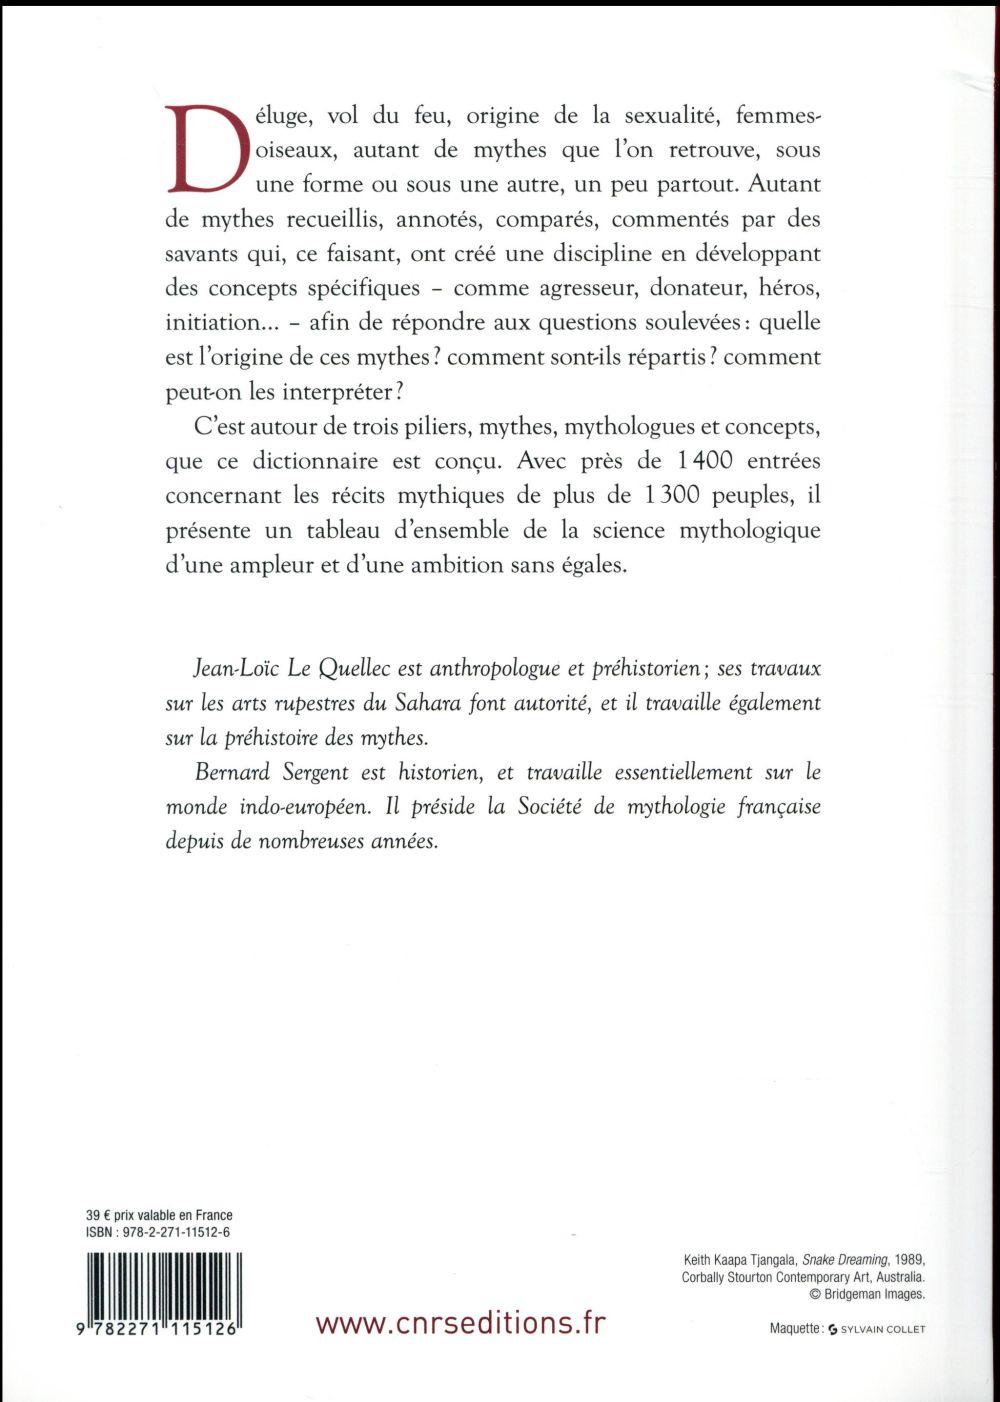 Dictionnaire critique de mythologie